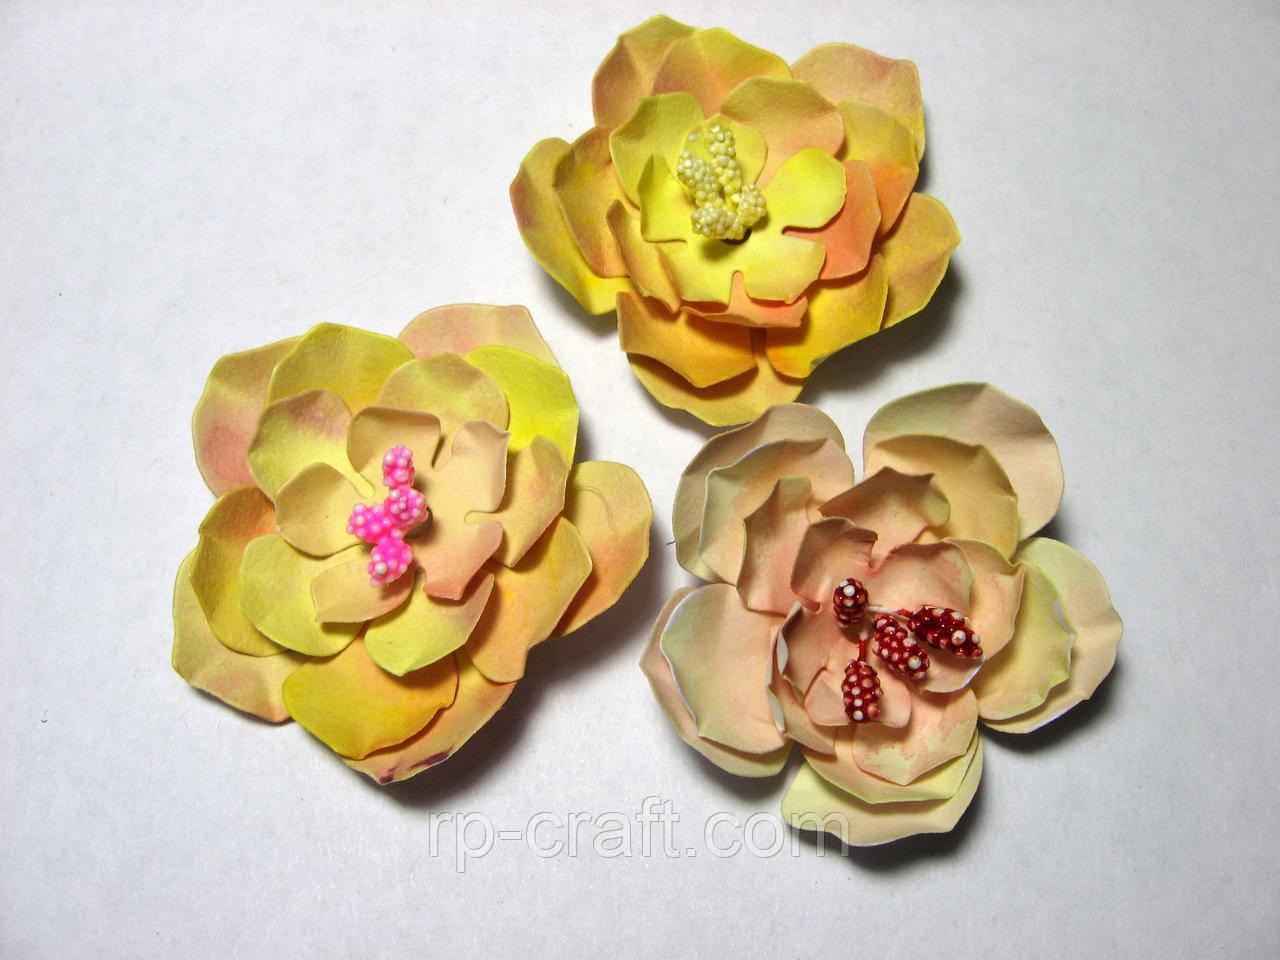 Набор бумажных цветов 3D, 3 штуки, около 55 мм